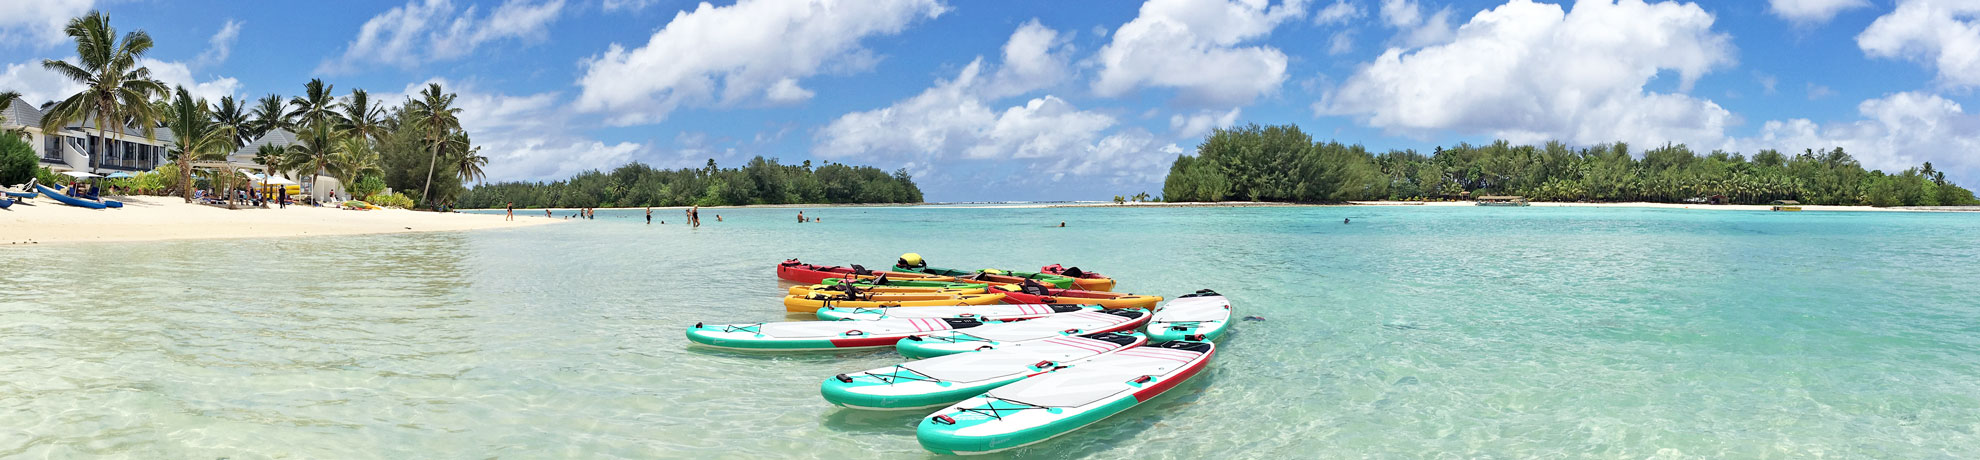 Les festivités et jours fériés en Polynésie